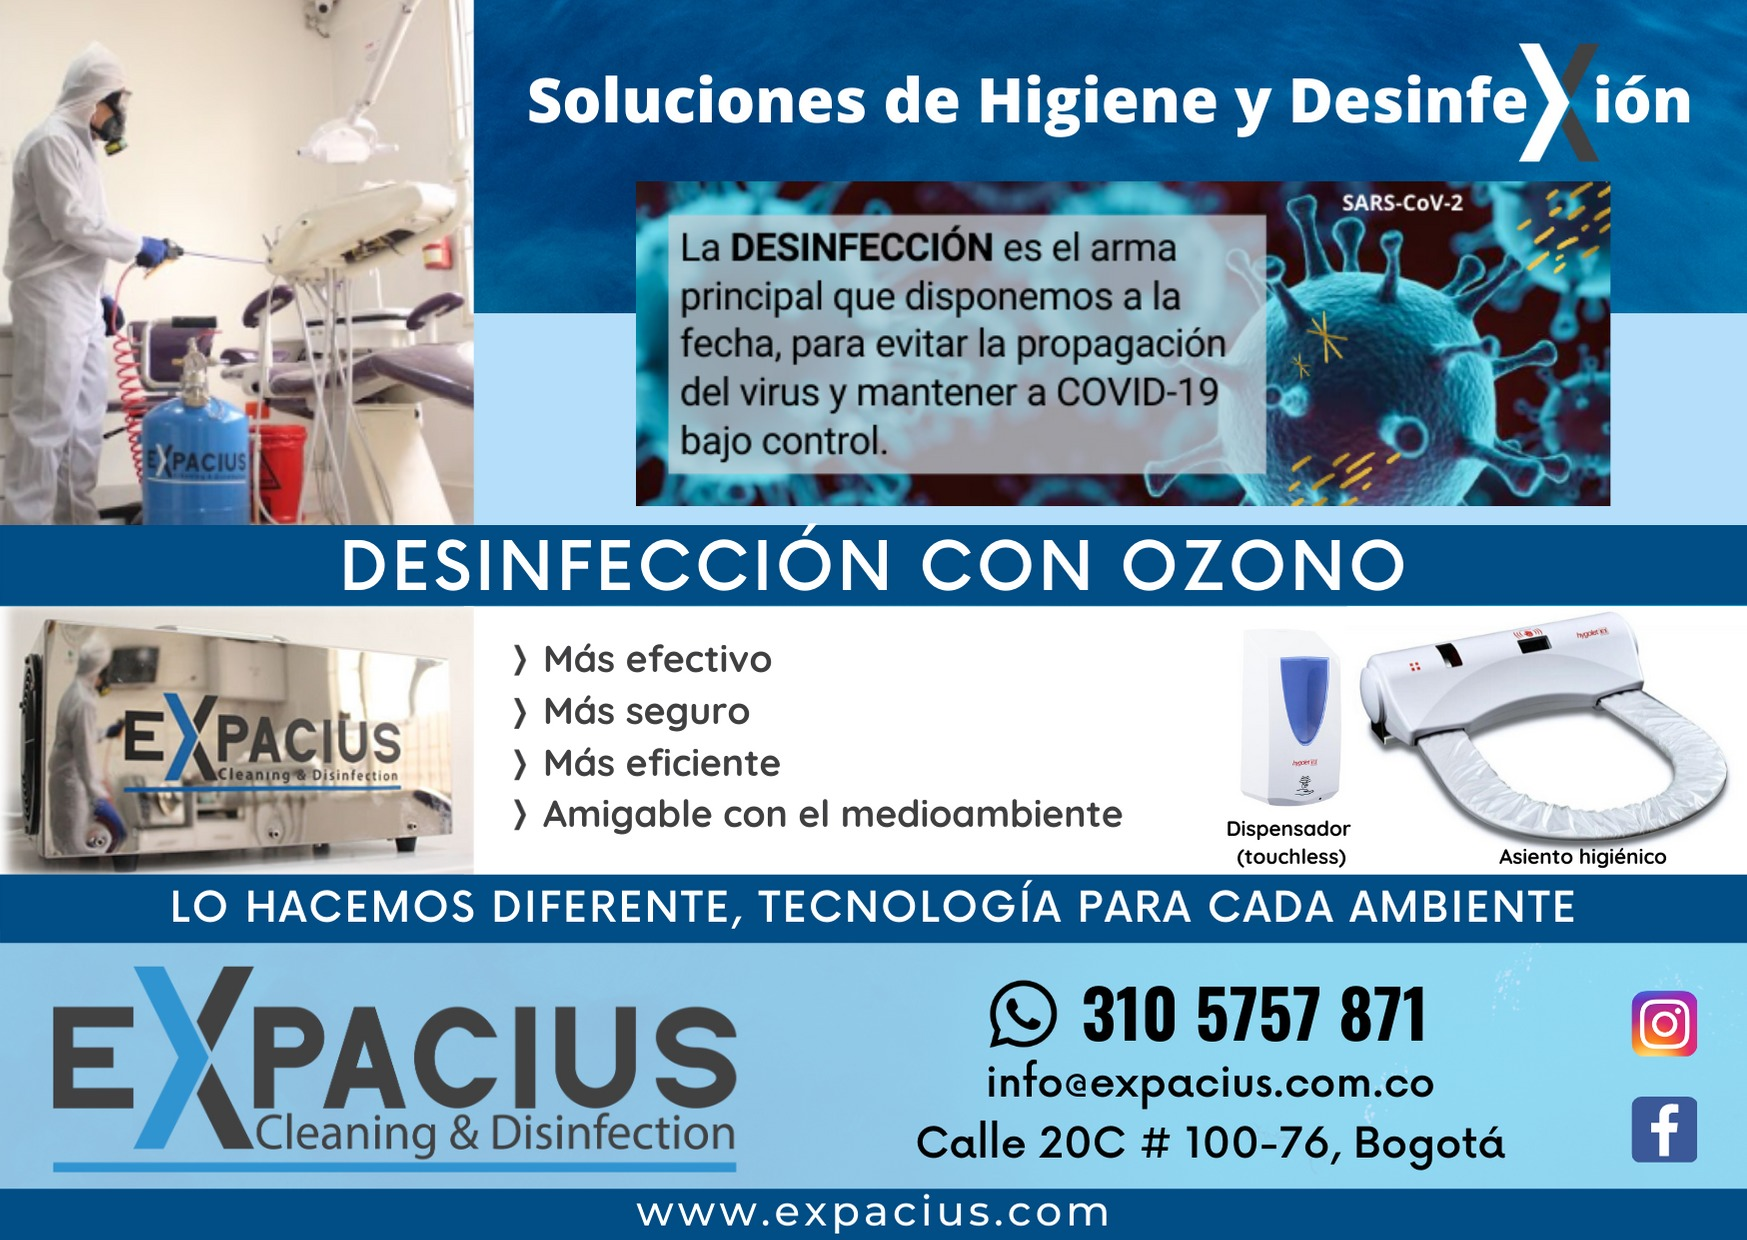 Expacius: Soluciones de higiente y desinfección